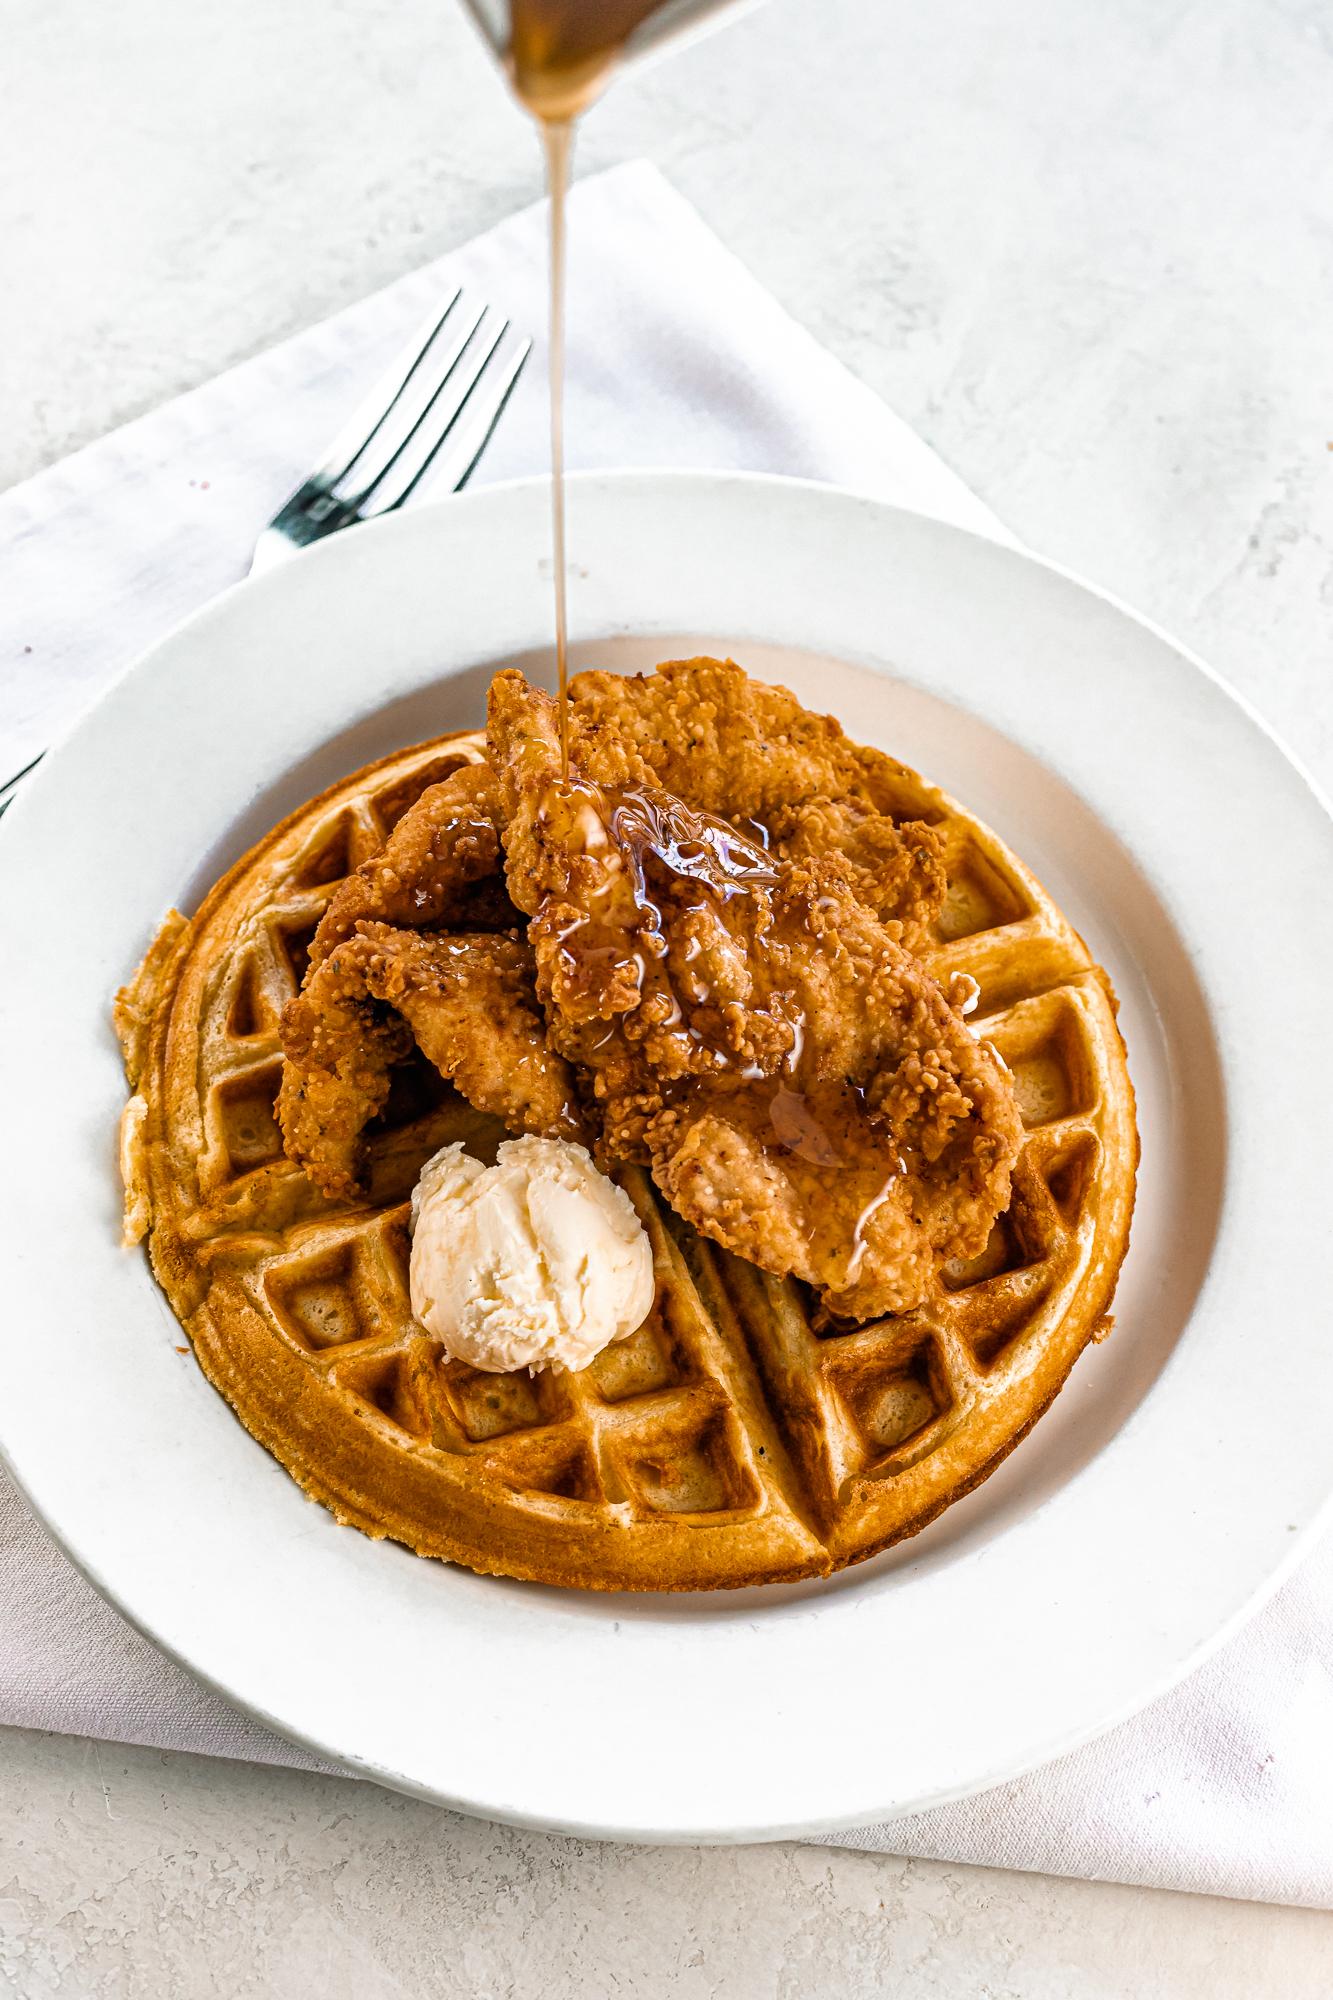 10th&Piedmont_chicken&waffles_2020.04.2516